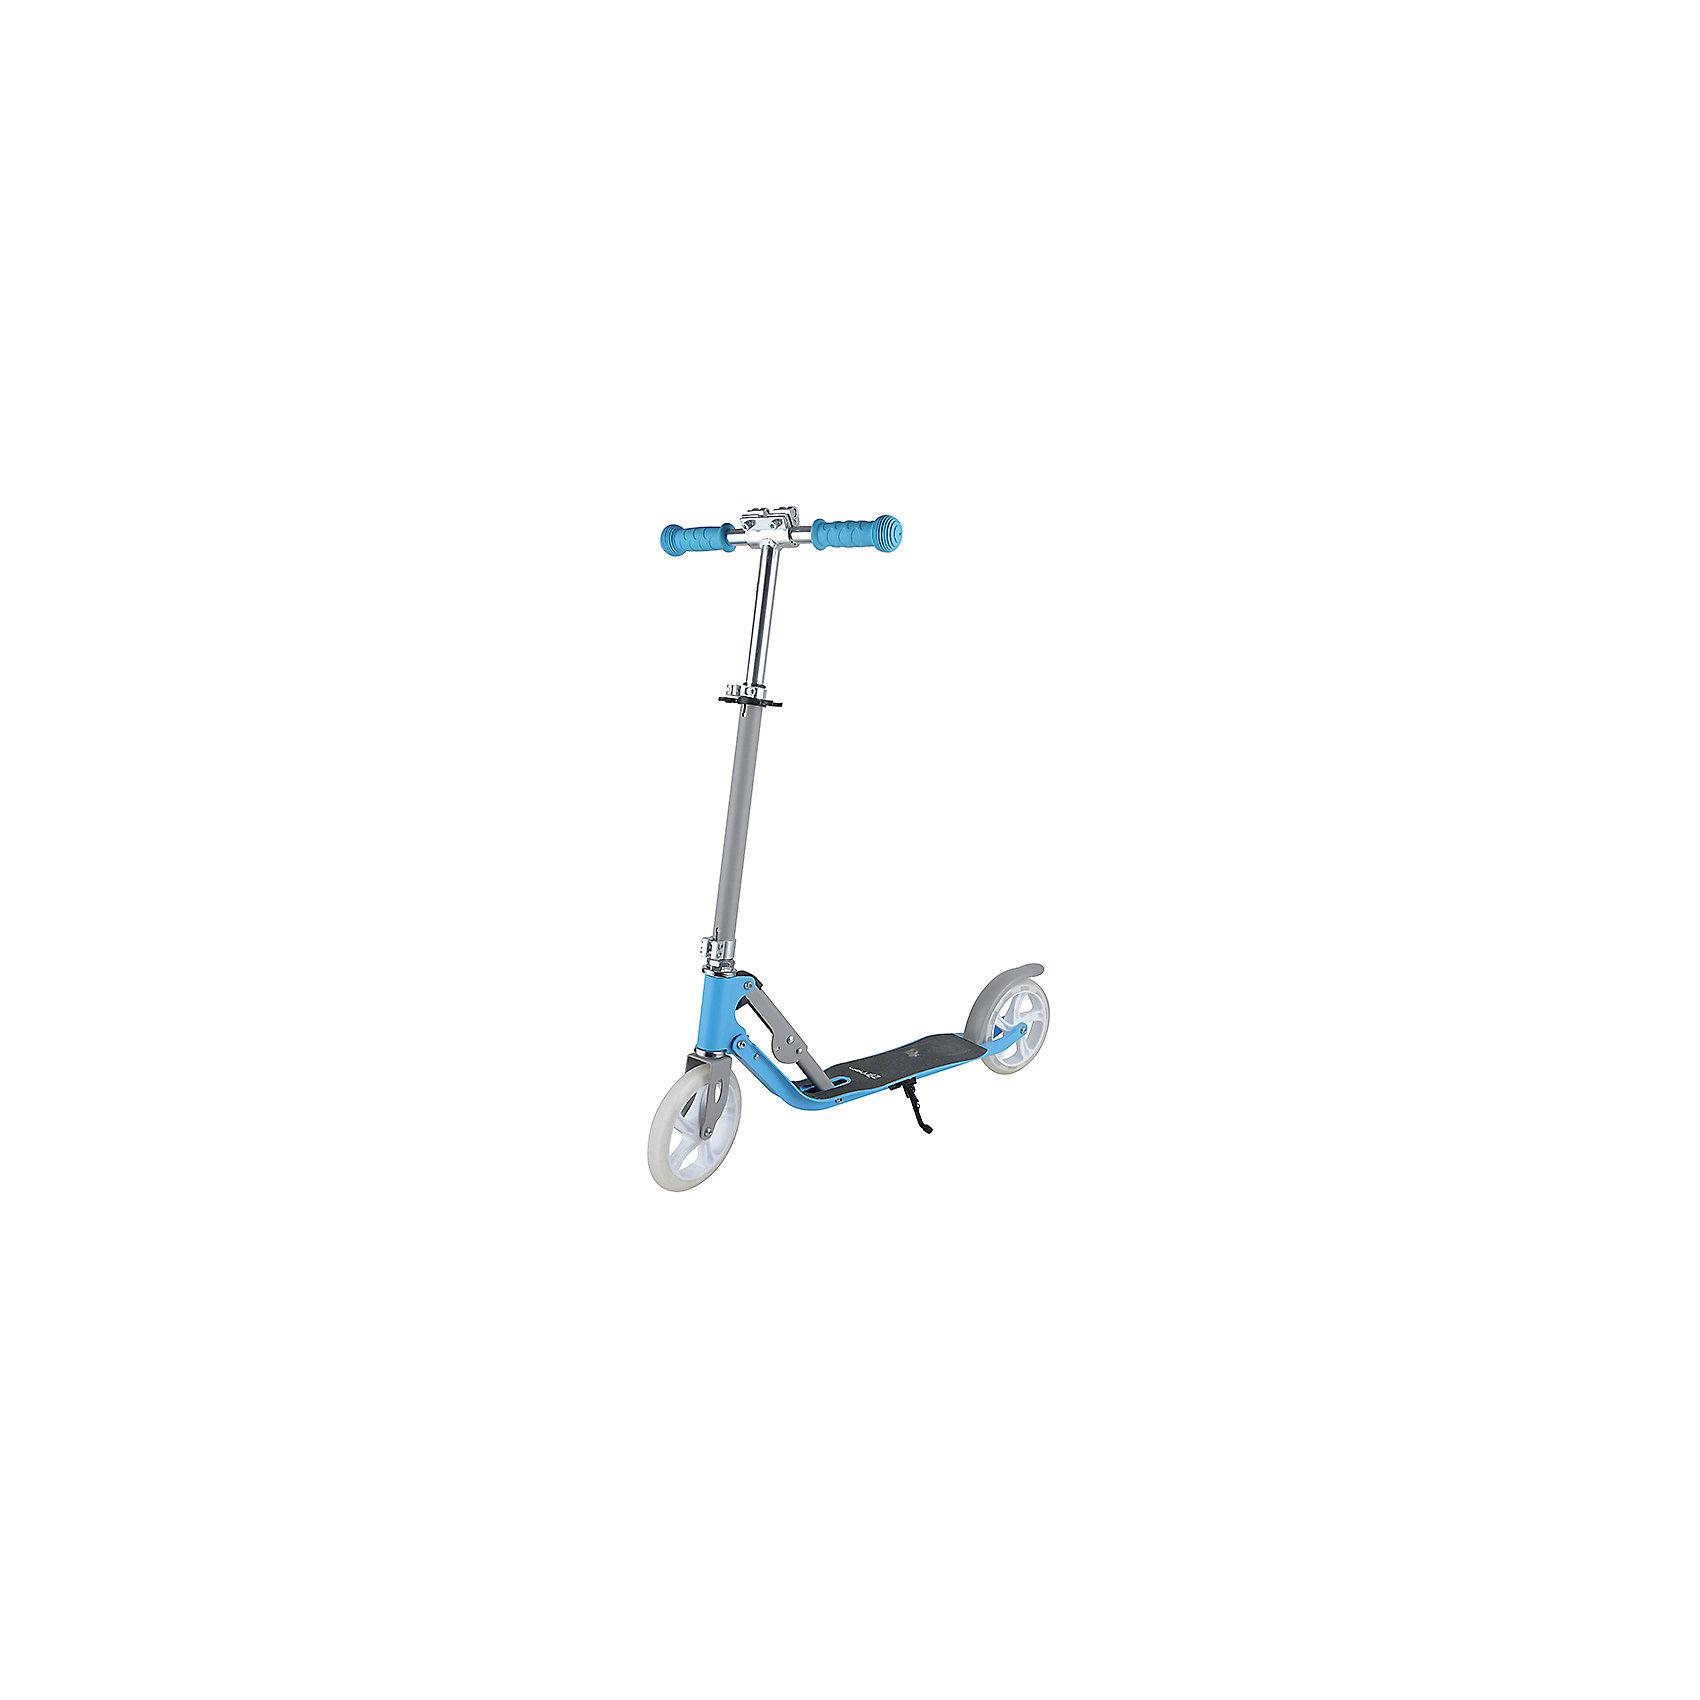 Самокат  ZL-98, голубо-белый, ZilmerСамокаты<br>Характеристики товара:<br><br>• возраст от 8 лет;<br>• материал: алюминий;<br>• в комплекте: самокат, шестигранный ключ, инструкция;<br>• максимальная нагрузка до 100 кг;<br>• регулировка руля;<br>• наличие подножки<br>• ножной задний тормоз<br>• материал колес: полиуретан;<br>• диаметр колес 18 см;<br>• размер самоката 97,5х82х32,5 см;<br>• вес самоката 3 кг;<br>• размер упаковки 90,5х27х13 см;<br>• вес упаковки 4,1 кг;<br>• страна производитель: Китай.<br><br>Самокат Zilmer ZL-98 голубой — городской самокат, для активных прогулок на свежем воздухе. Катание на самокате учит координировать движения и сохранять равновесие. Платформа покрыта противоскользящим материалом для сохранения устойчивости и безопасного катания. Полиуретановые колеса делают езду ровной и безопасной. <br><br>Регулируемый руль позволяет кататься не только детям, но и взрослым. Ручки руля имеют нескользящие накладки, препятствующие соскальзывание ладоней во время движения. Рулевая колонка складывается для удобного хранения дома или транспортировки. Подножка удерживает самокат в вертикальном положении во время стоянки. Ножной тормоз гарантирует безопасное катание и быстрое торможение перед препятствием.<br><br>Самокат Zilmer ZL-98 голубой можно приобрести в нашем интернет-магазине.<br><br>Ширина мм: 905<br>Глубина мм: 130<br>Высота мм: 270<br>Вес г: 4100<br>Цвет: белый/голубой<br>Возраст от месяцев: 60<br>Возраст до месяцев: 2147483647<br>Пол: Унисекс<br>Возраст: Детский<br>SKU: 5610994